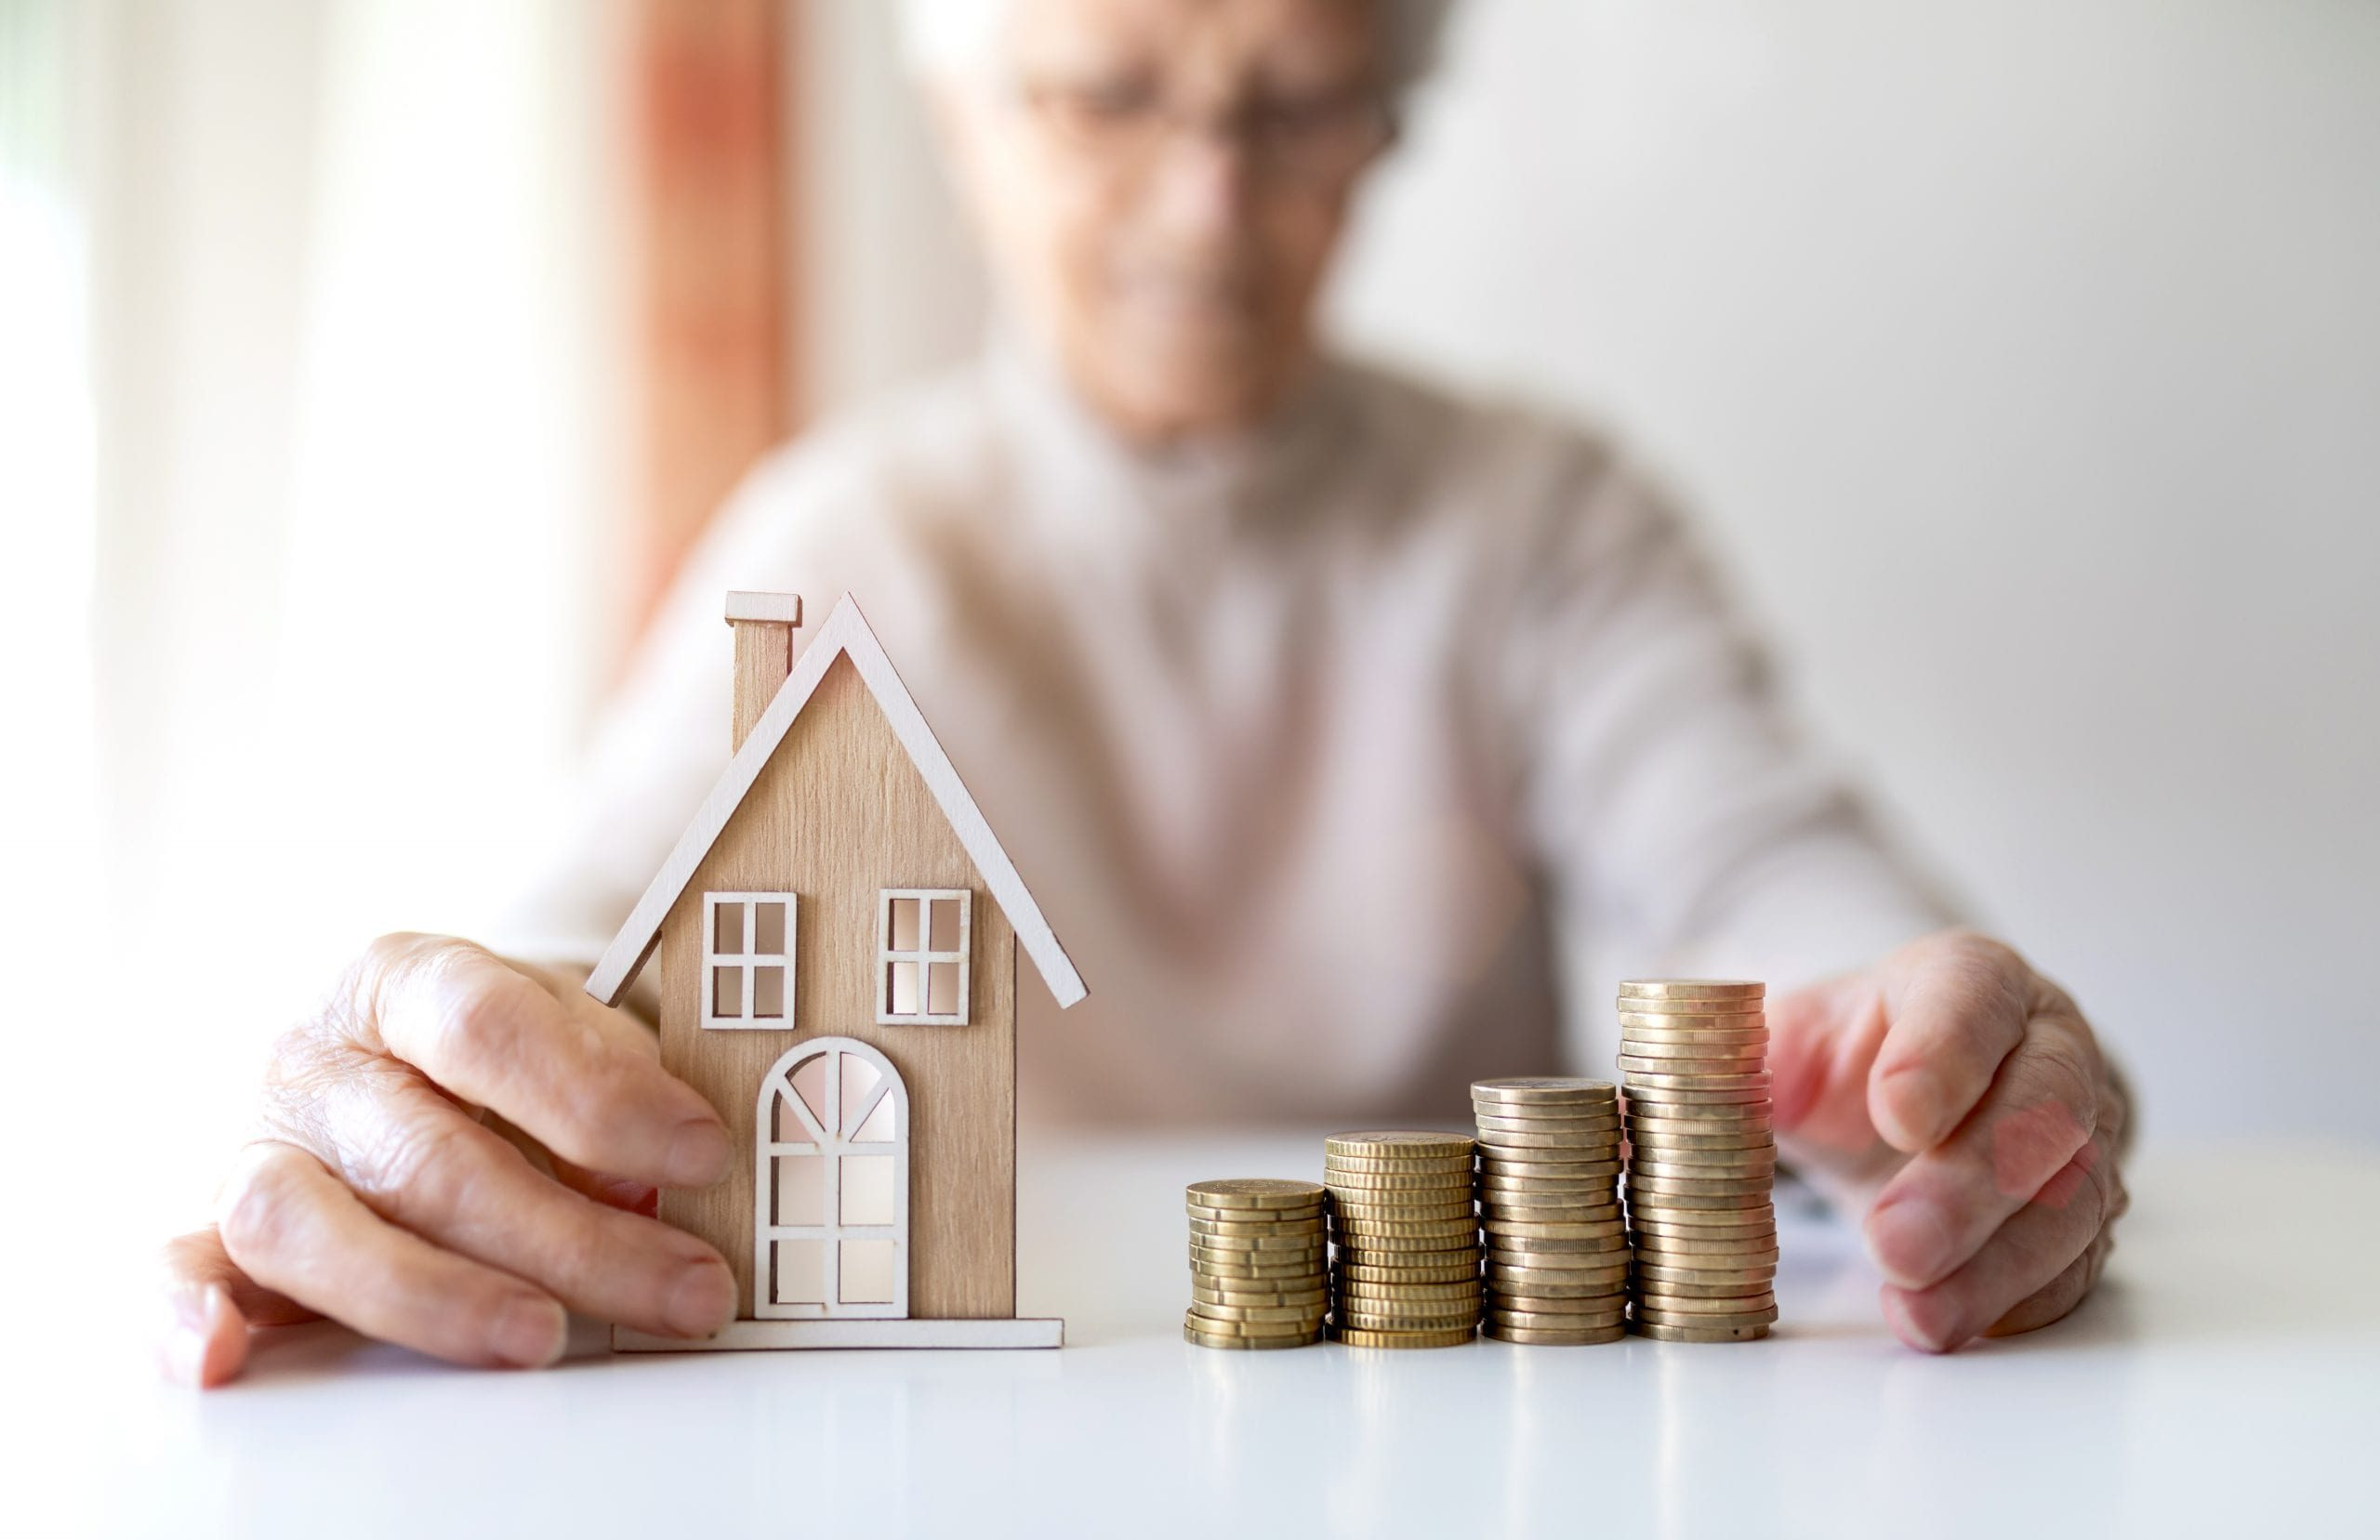 Deutsche Teilkauf Blog früher in Rente - was für Immobilienbesitzer wichtig ist